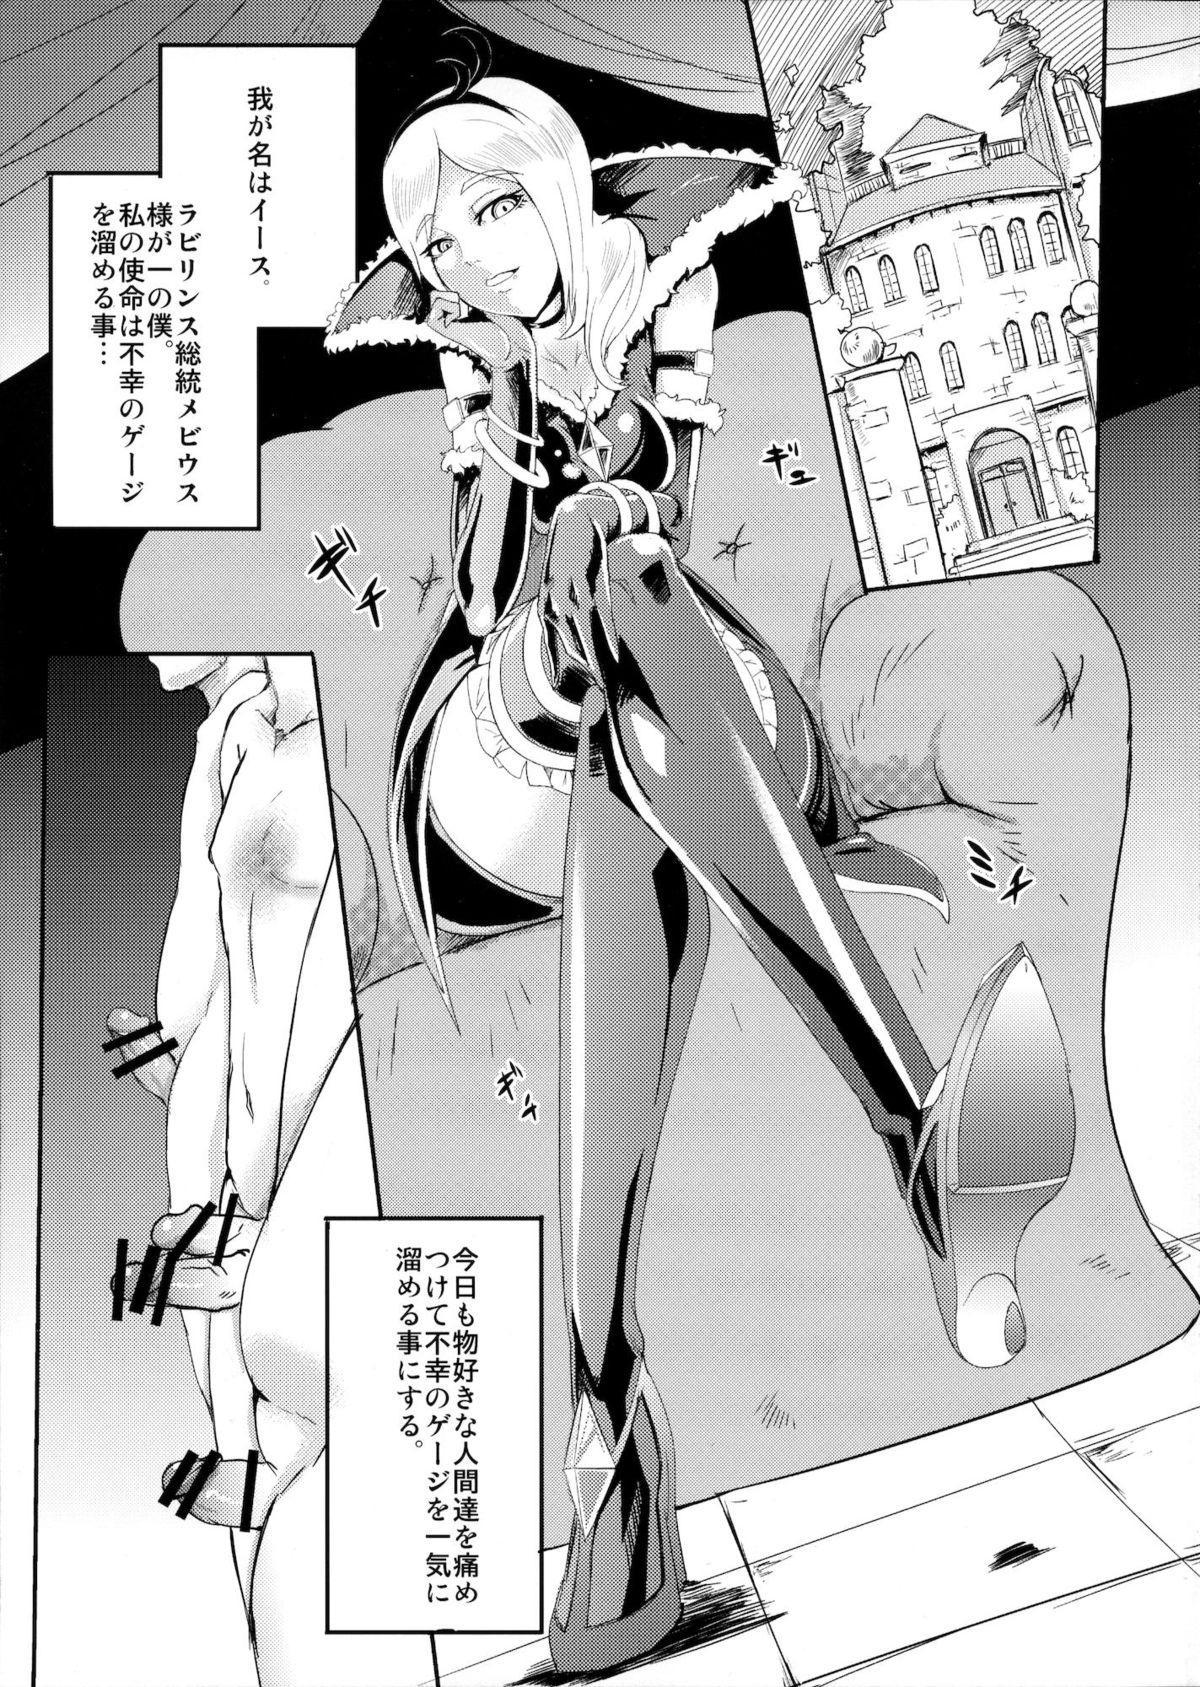 Eas-sama no Sakusei Jigoku 1